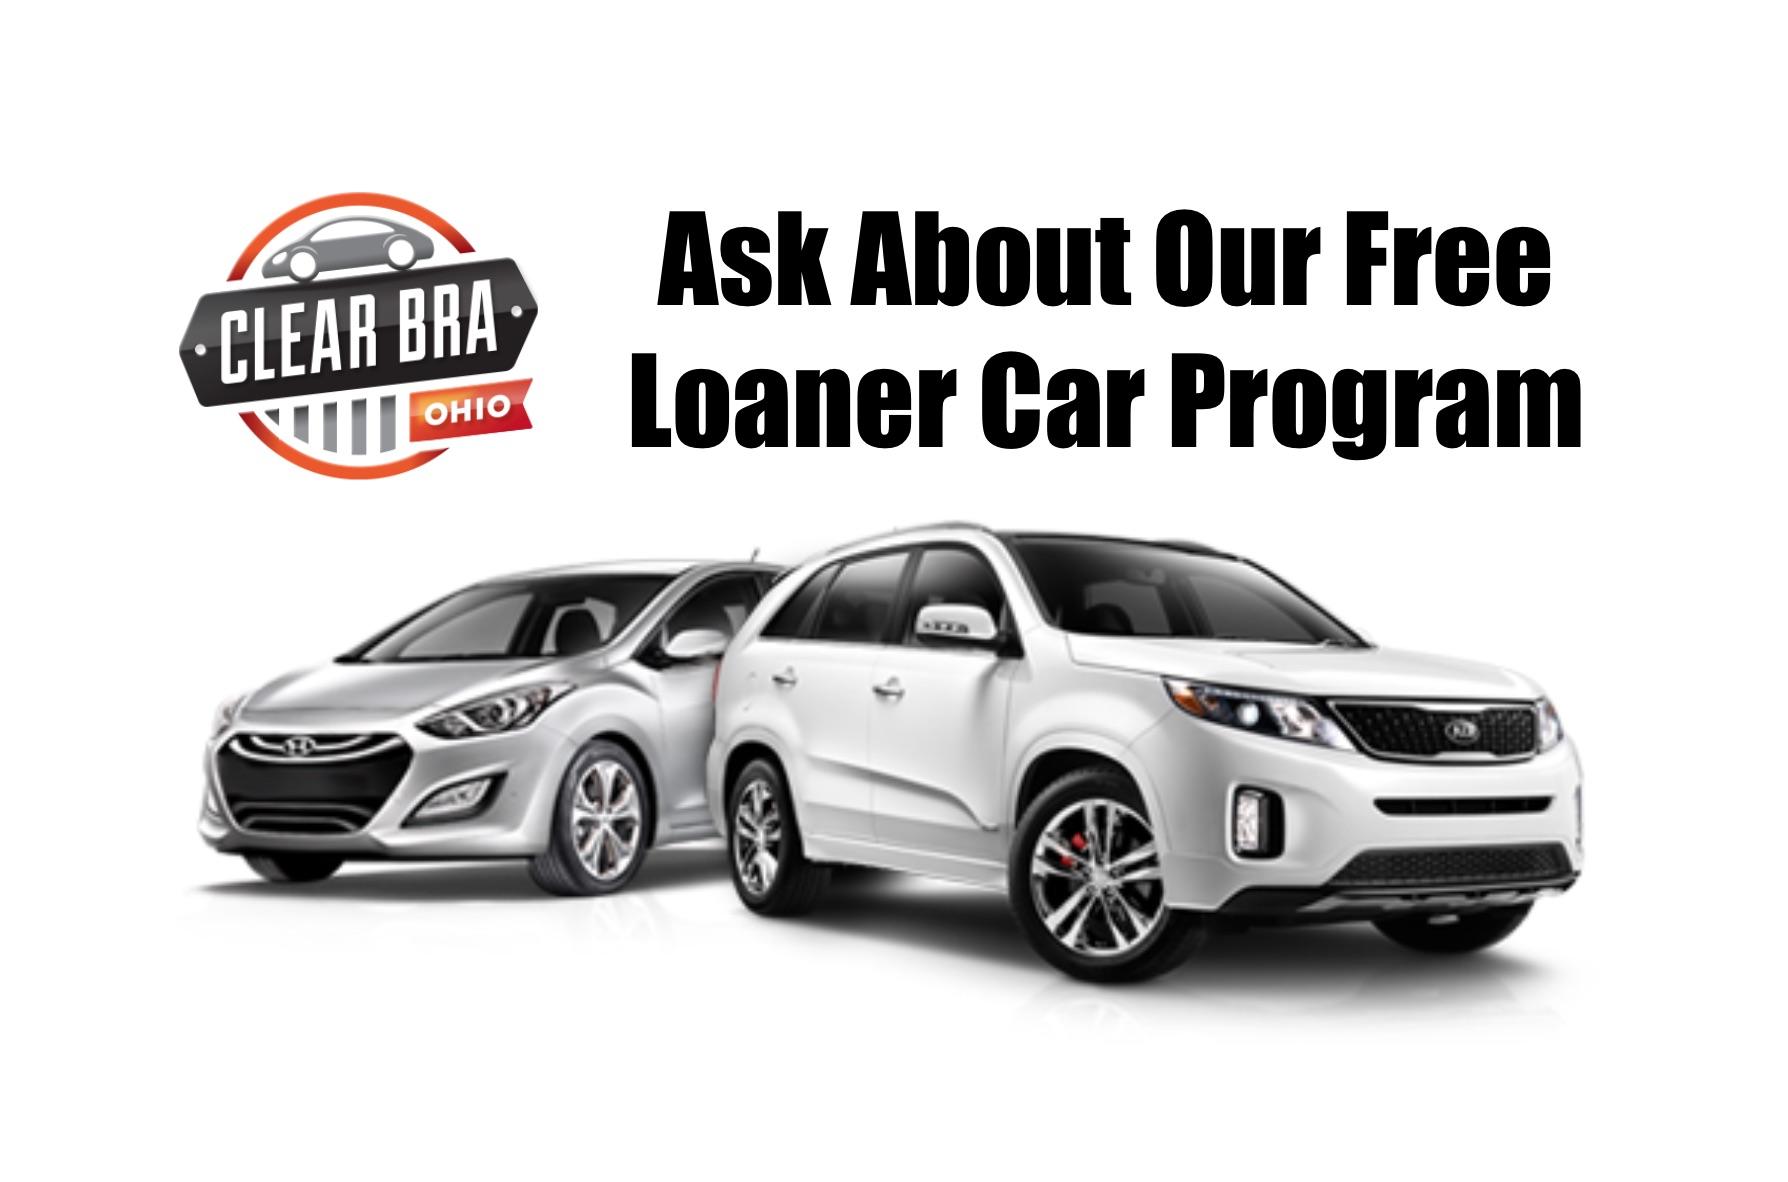 Clear Bra Ohio Loaner Program.jpg